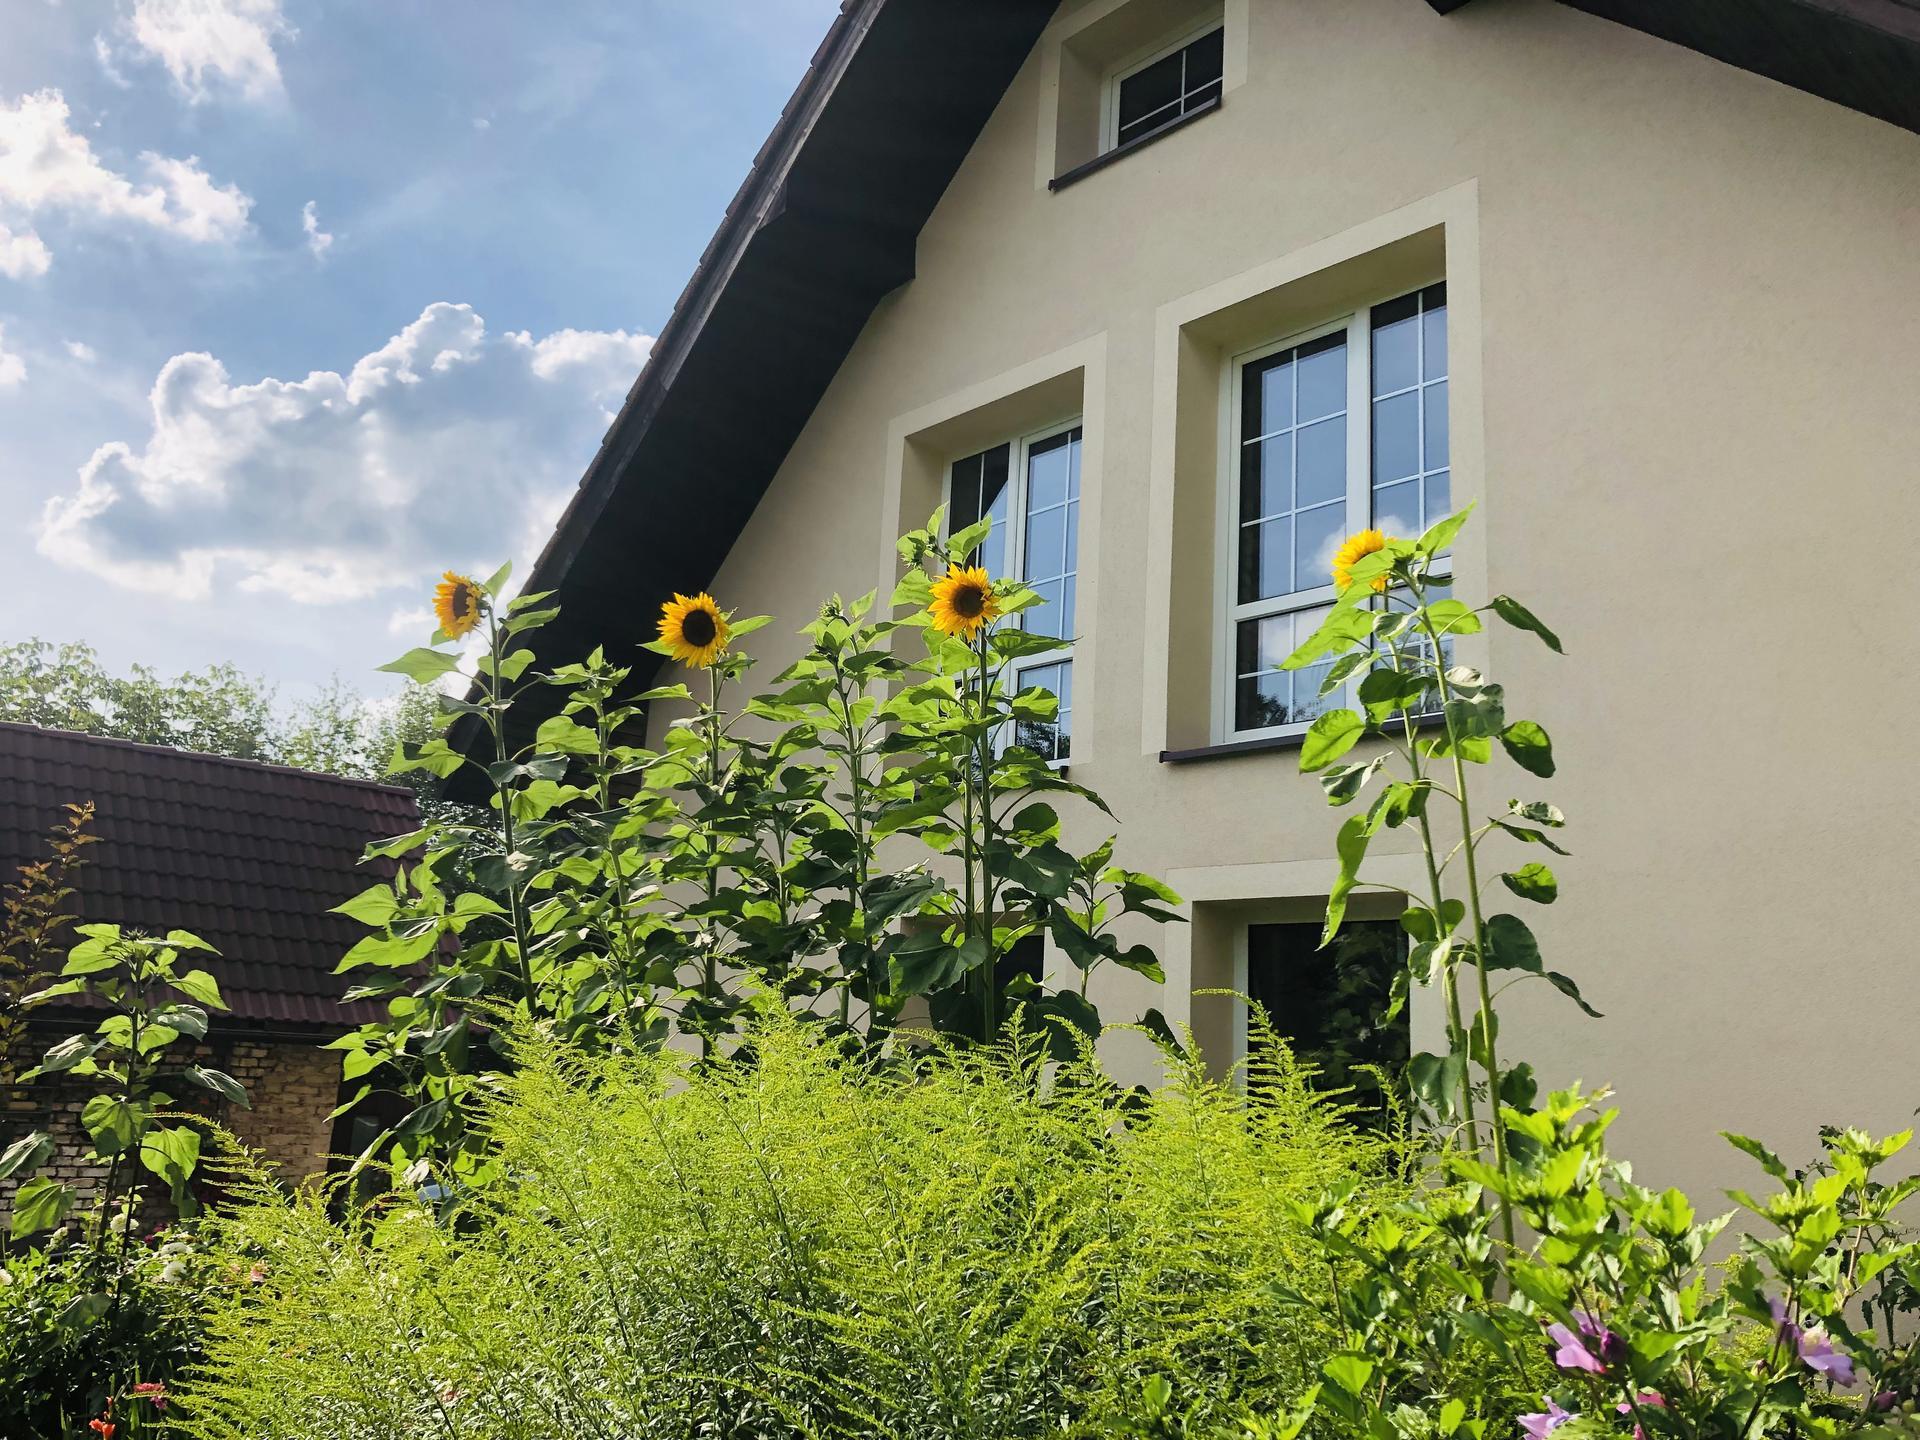 U nás doma a na zahradě 2021 - Obrázek č. 76